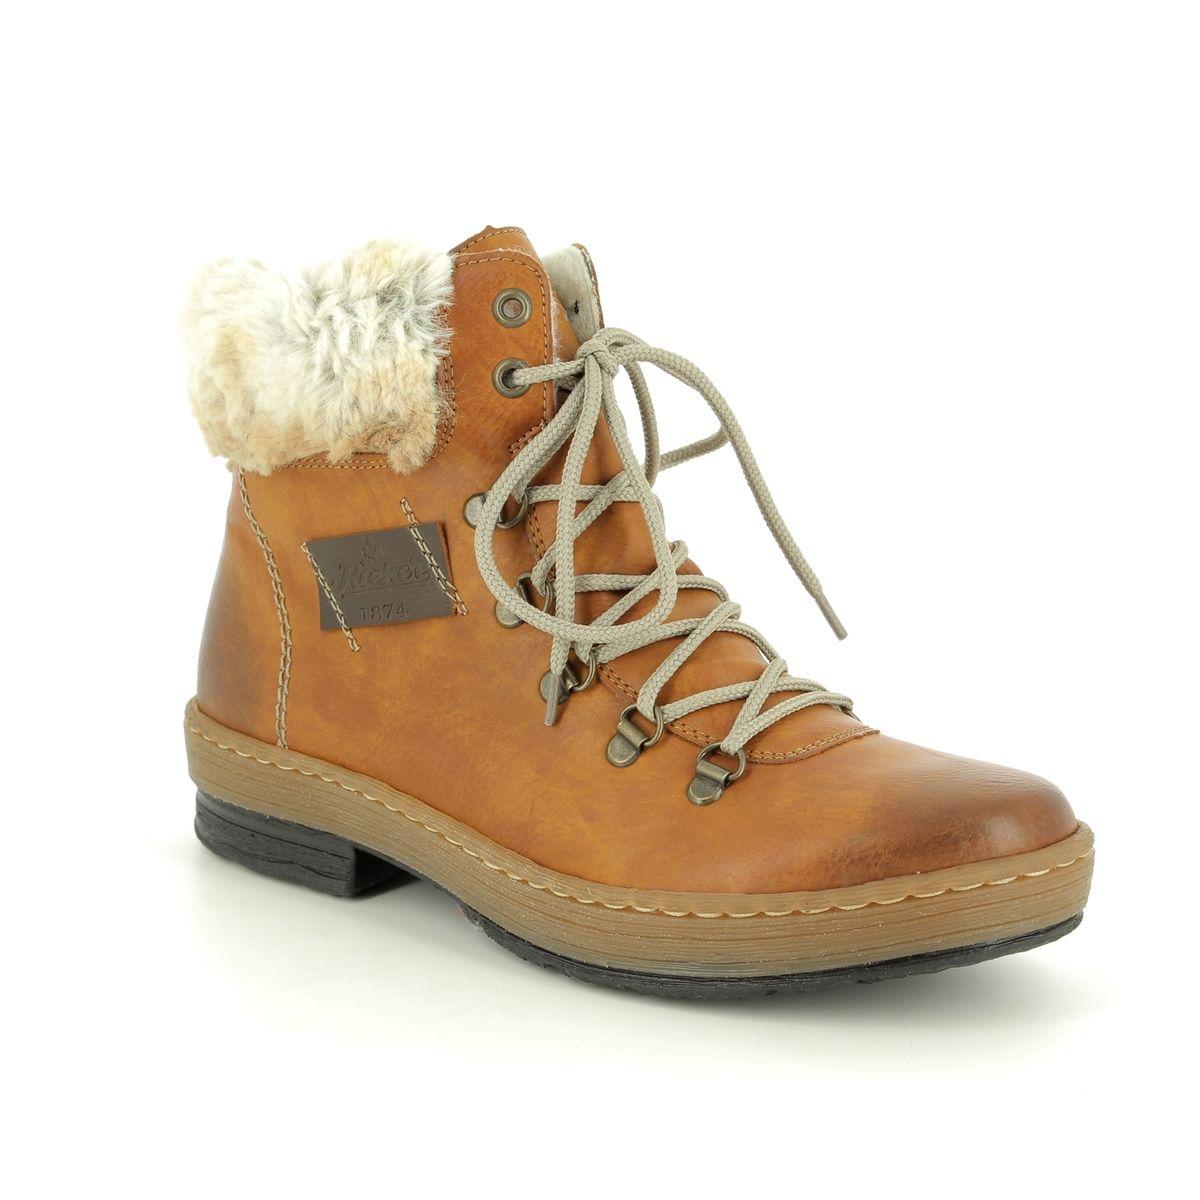 17ab9da828fdef Rieker Ankle Boots - Tan - Z6743-24 POLARPEEPS